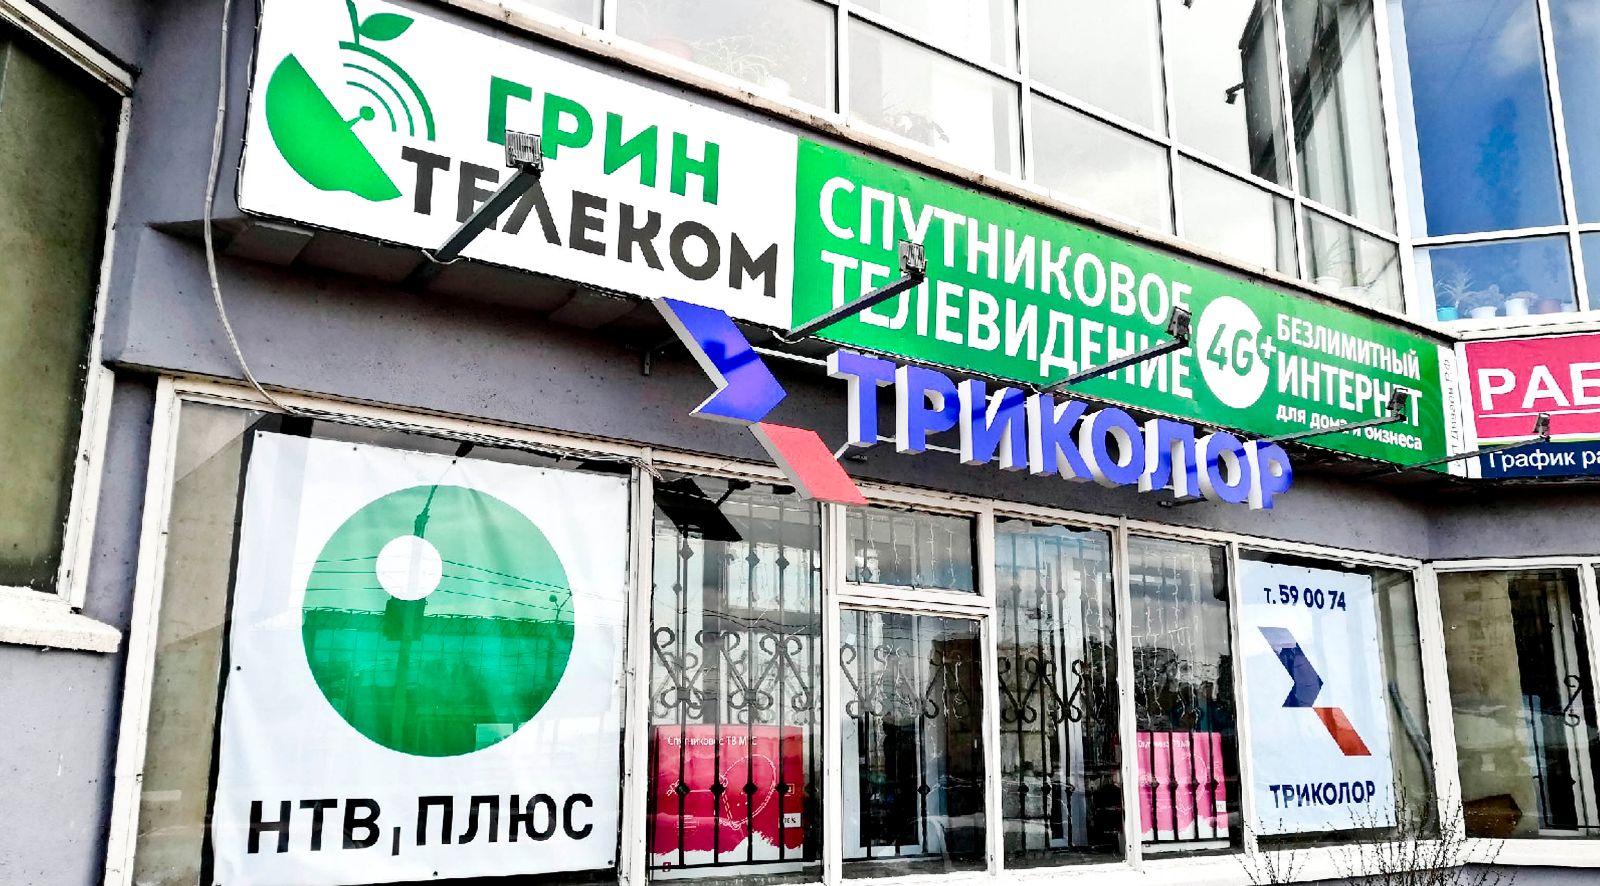 ГринТелеком Магнитогорск